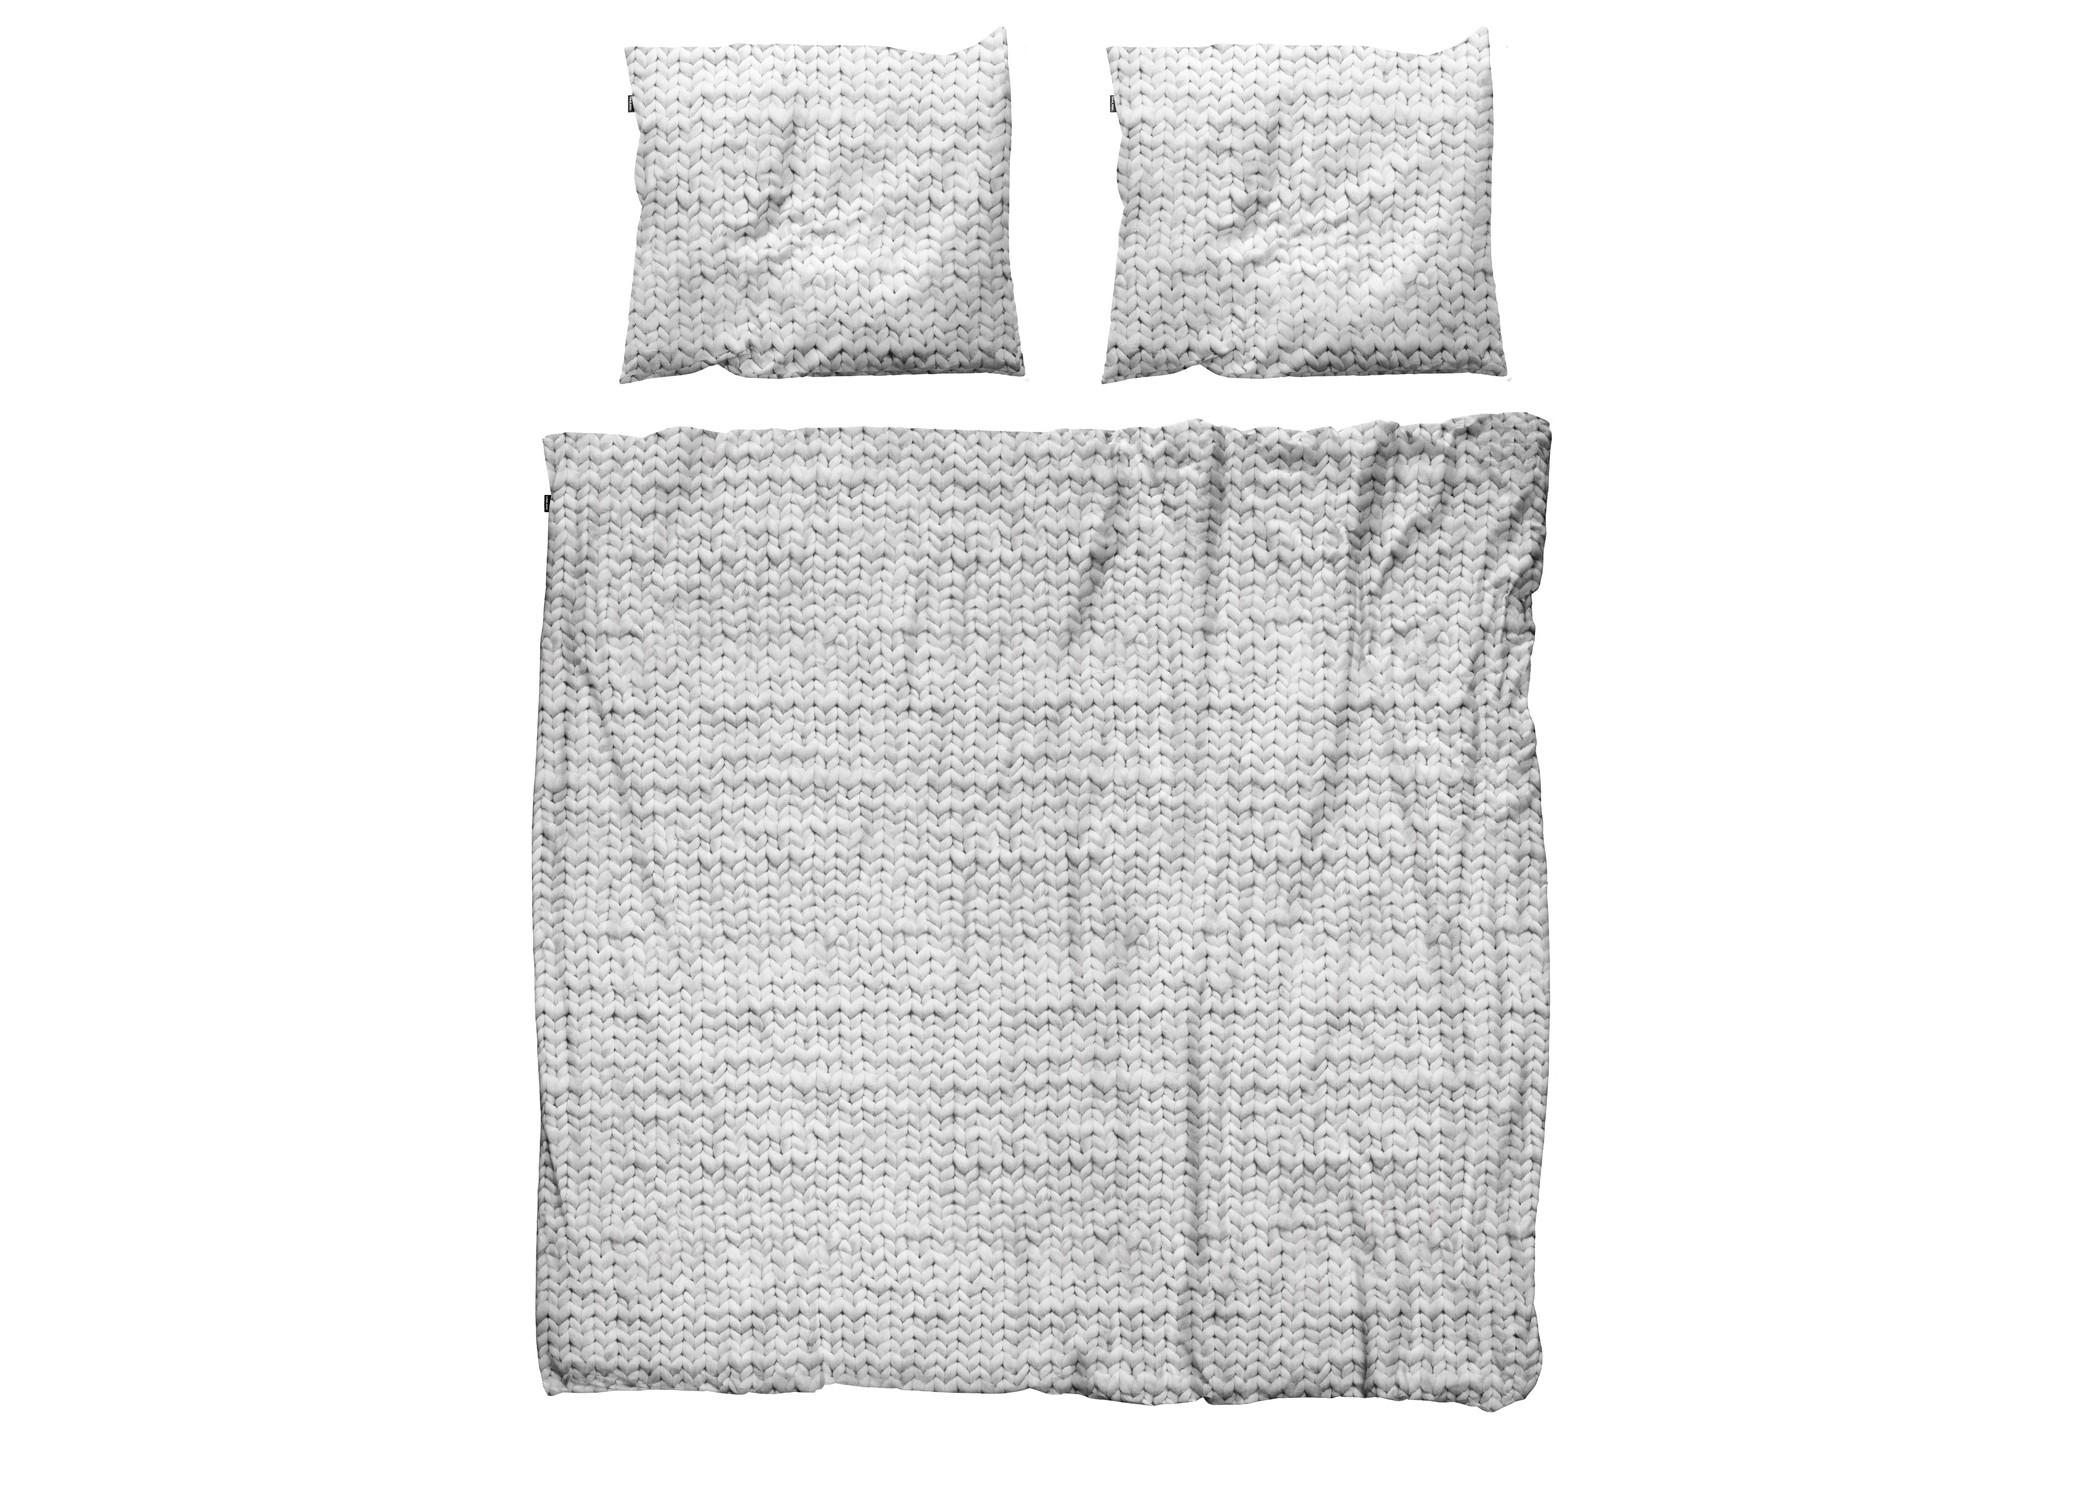 Комплект постельного белья Косичка серыйДвуспальные комплекты постельного белья<br>Этот мягкий узор связан очень большими спицами, а клубки шерсти были размером с баскетбольные мячи. Все для того, чтобы внести уют и тепло в вашу спальню в холодные зимние ночи.&amp;amp;nbsp;&amp;lt;div&amp;gt;&amp;lt;br&amp;gt;&amp;lt;/div&amp;gt;&amp;lt;div&amp;gt;Материал: 100% хлопок ПЕРКАЛЬ (плотность ткани 214г/м2).&amp;lt;div&amp;gt;&amp;lt;span style=&amp;quot;line-height: 1.78571;&amp;quot;&amp;gt;В комплект входит: пододеяльник 200х220см - 1 шт, наволочка 50х70см - 2 шт.&amp;lt;/span&amp;gt;&amp;lt;br&amp;gt;&amp;lt;/div&amp;gt;&amp;lt;/div&amp;gt;<br><br>Material: Хлопок<br>Ширина см: 200